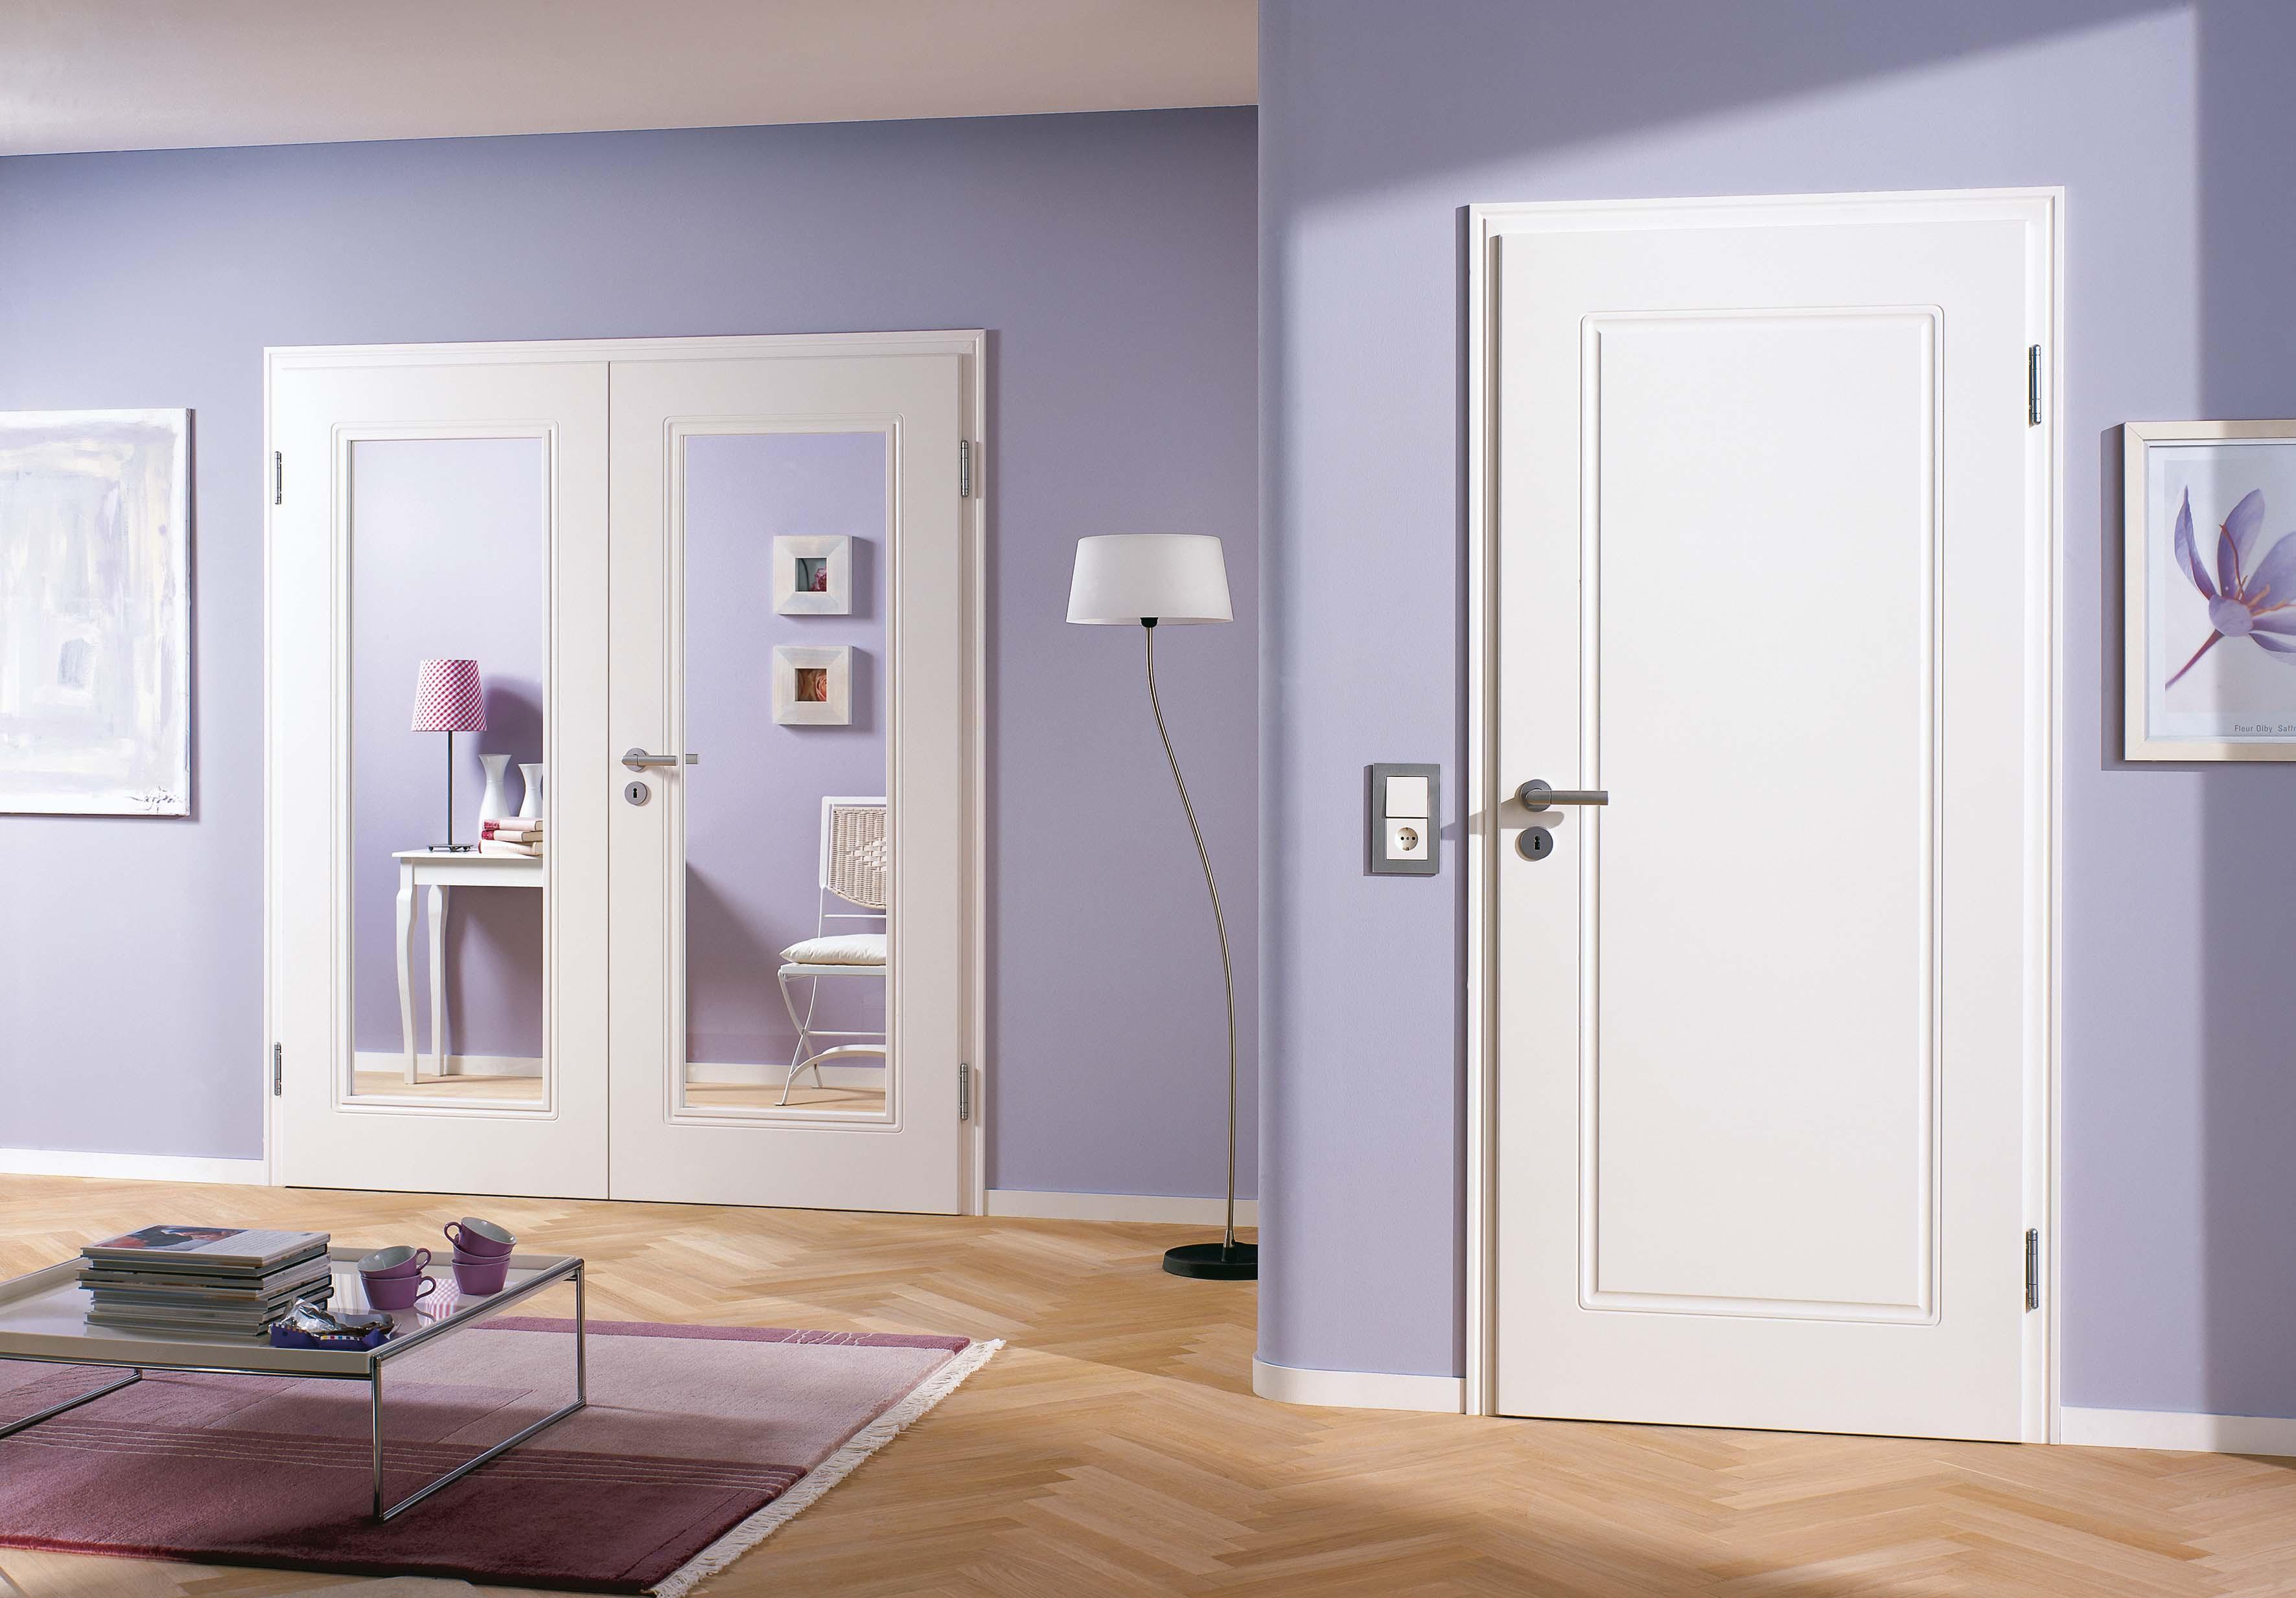 zimmertren mit glas fabulous top innen tren trbltter ohne zargen zum zimmertren mit zarge ber. Black Bedroom Furniture Sets. Home Design Ideas